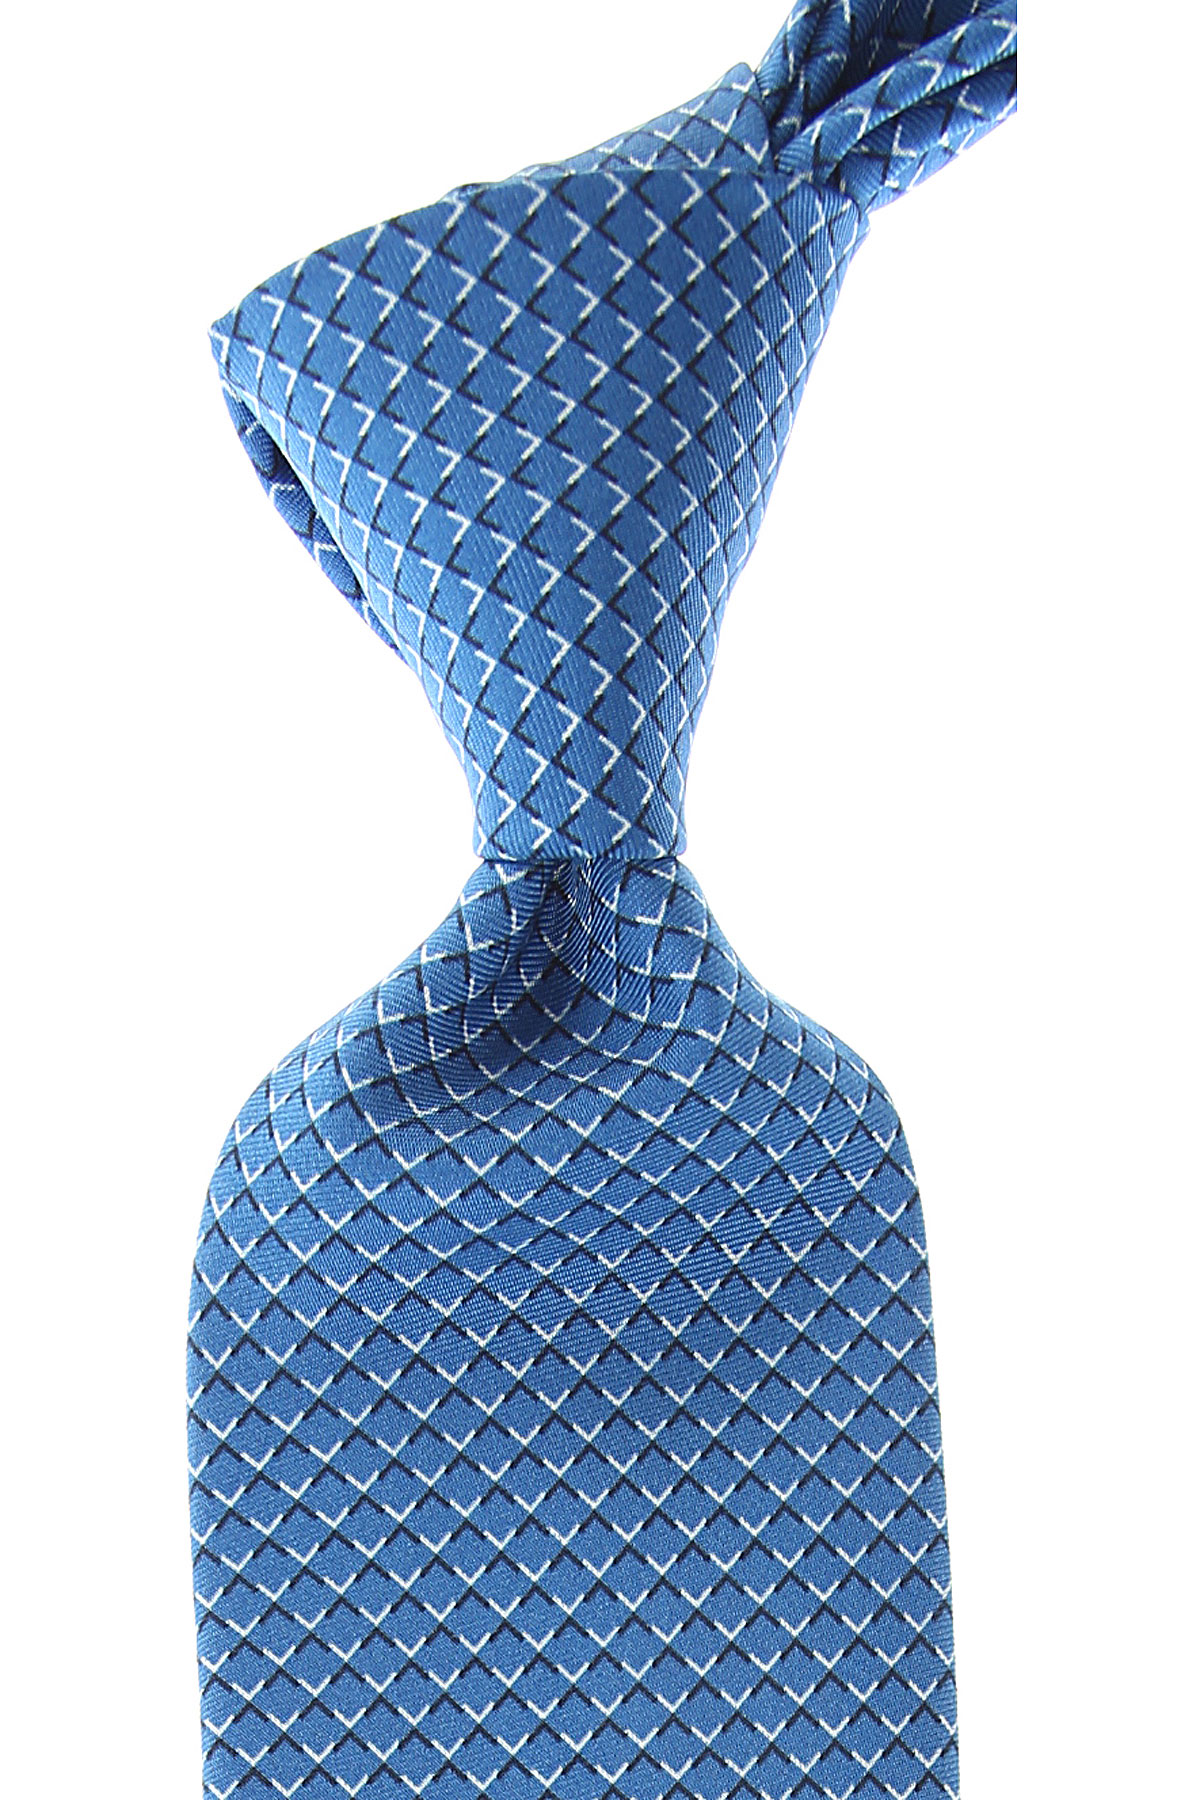 Battistoni Cravates Pas cher en Soldes, Bleu Royal, Soie, 2019